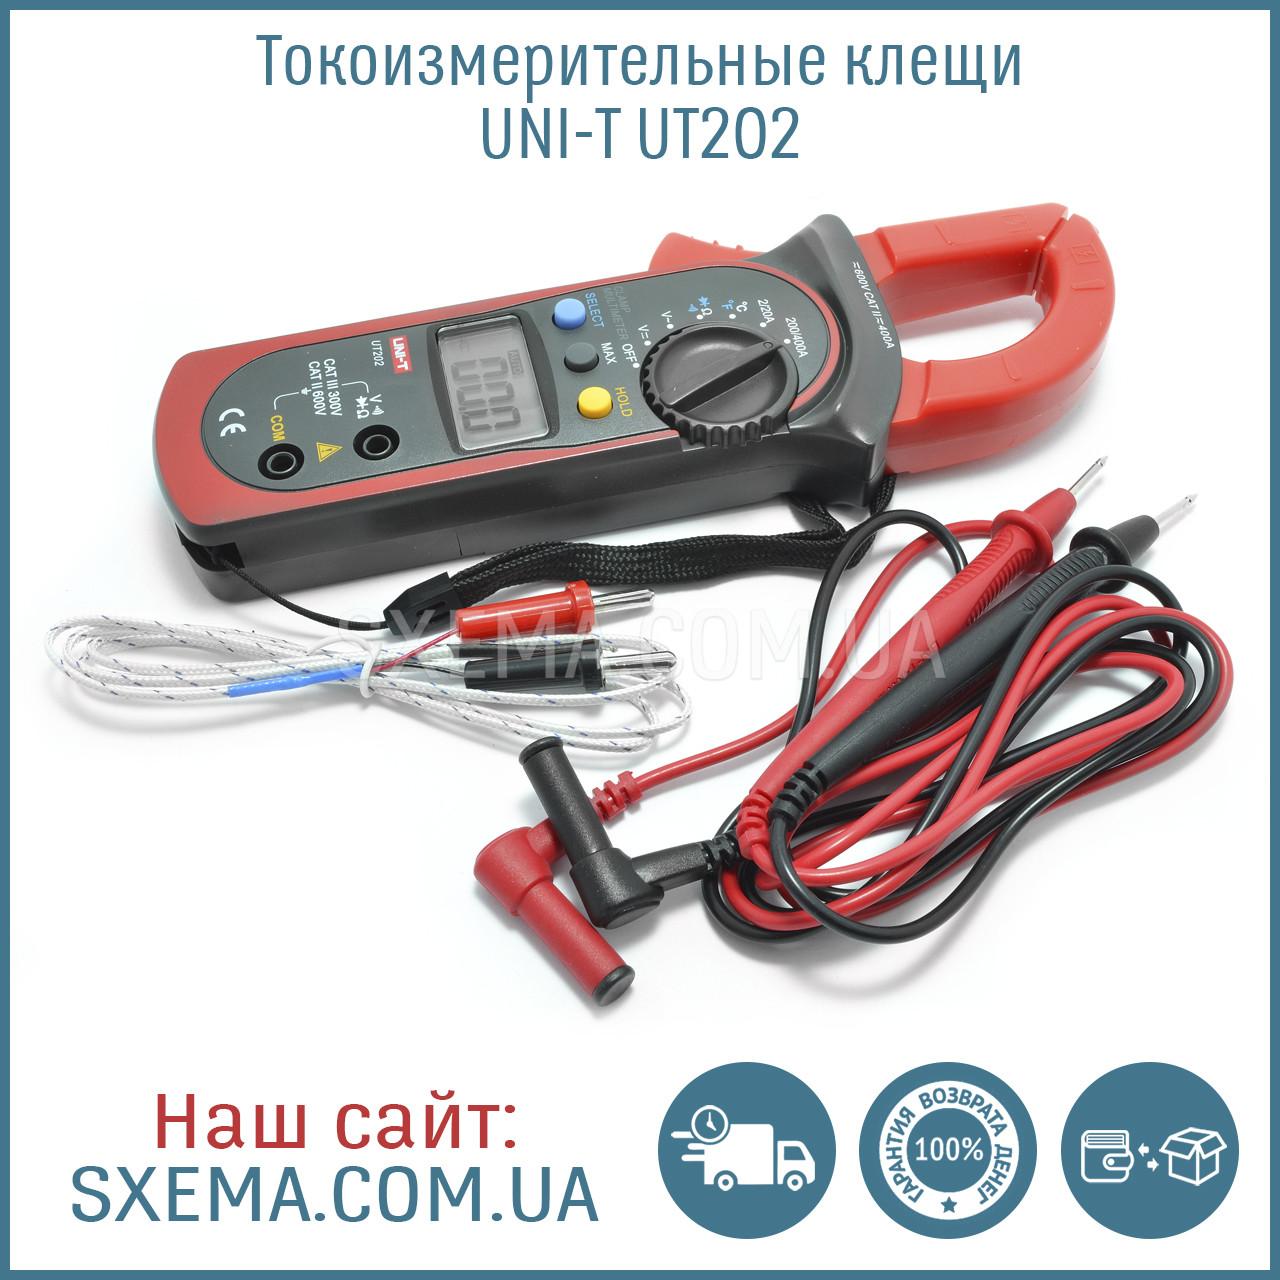 Токоизмерительные клещи Uni-T UT-202